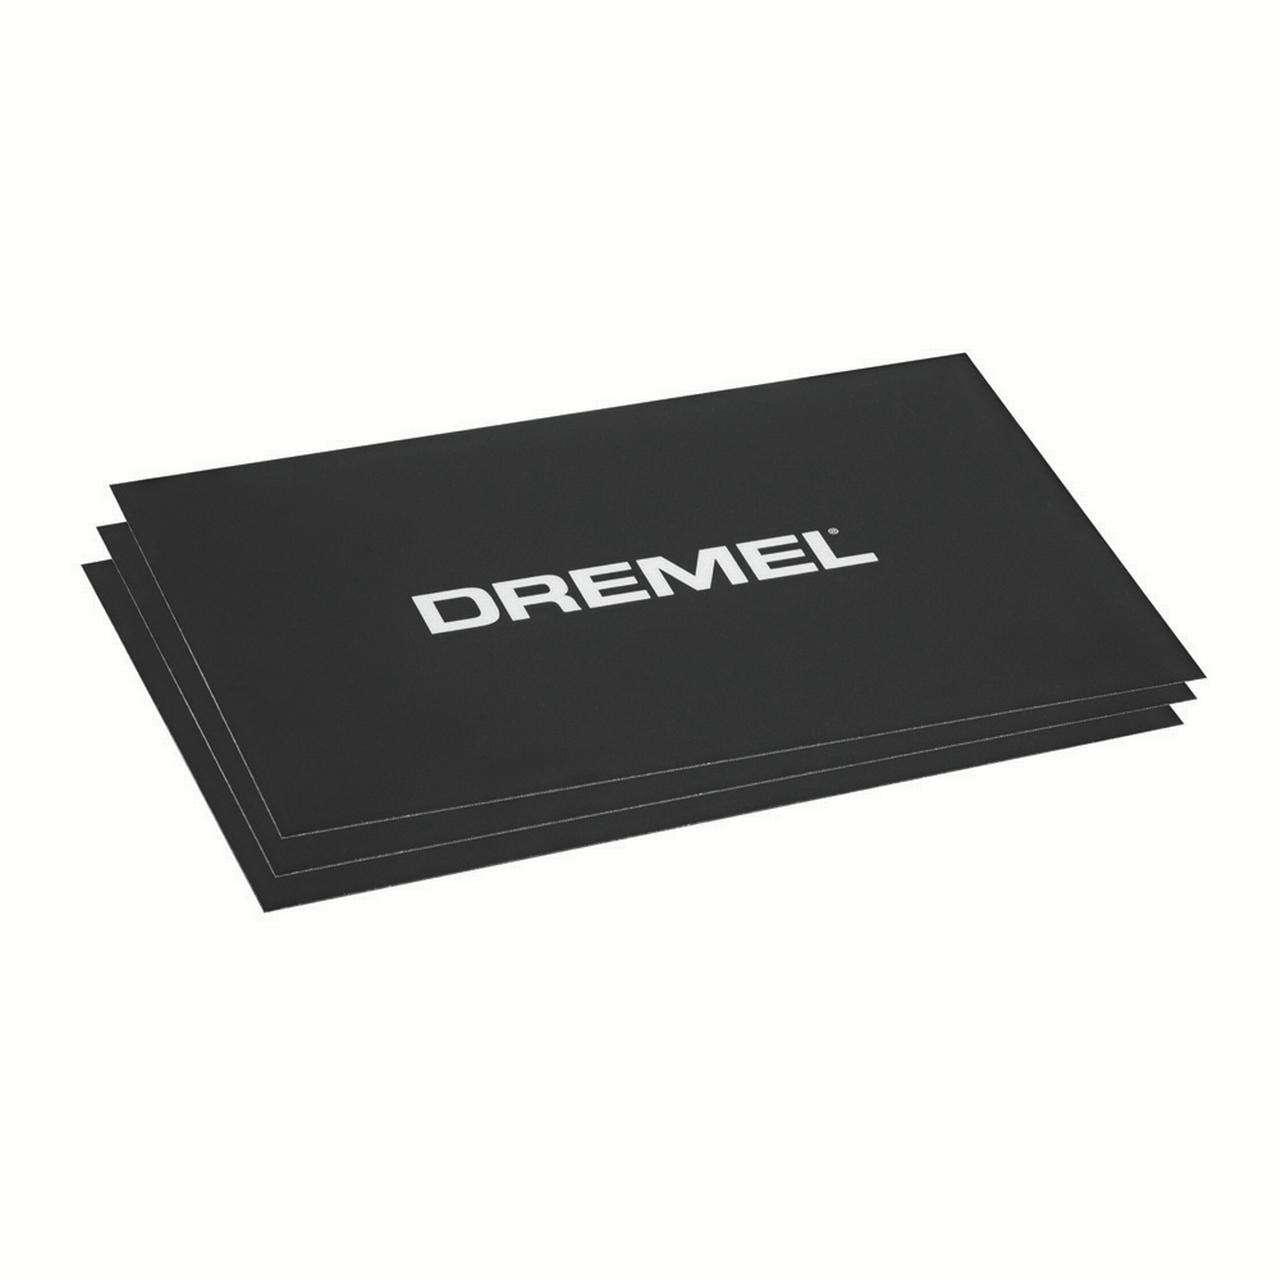 Dremel BT40-01 3D Printer Build Sheets, 3 Ct